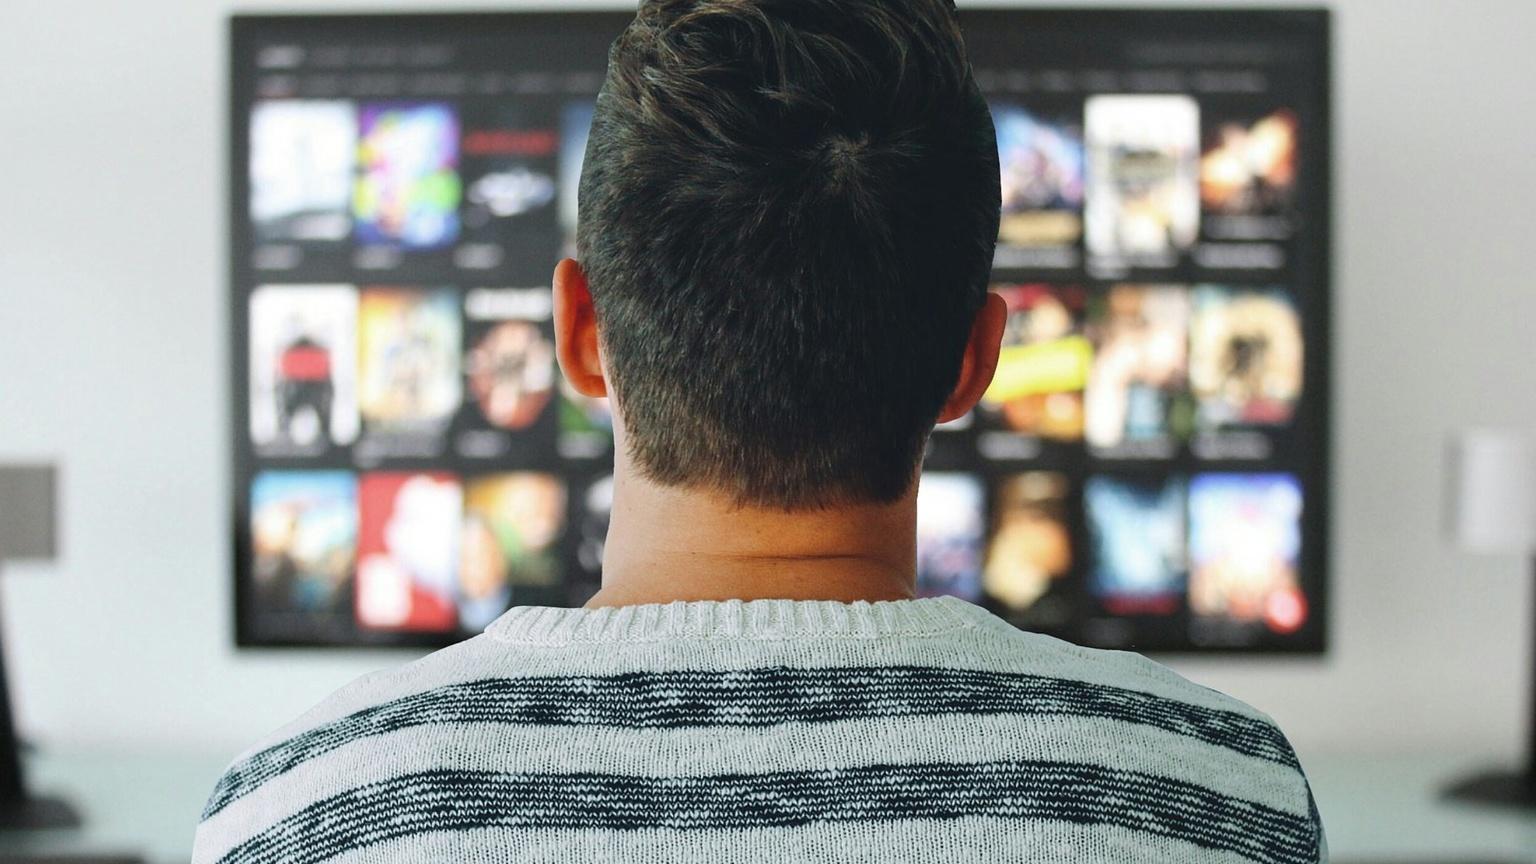 LG: Senderliste sortieren bei Smart TVs